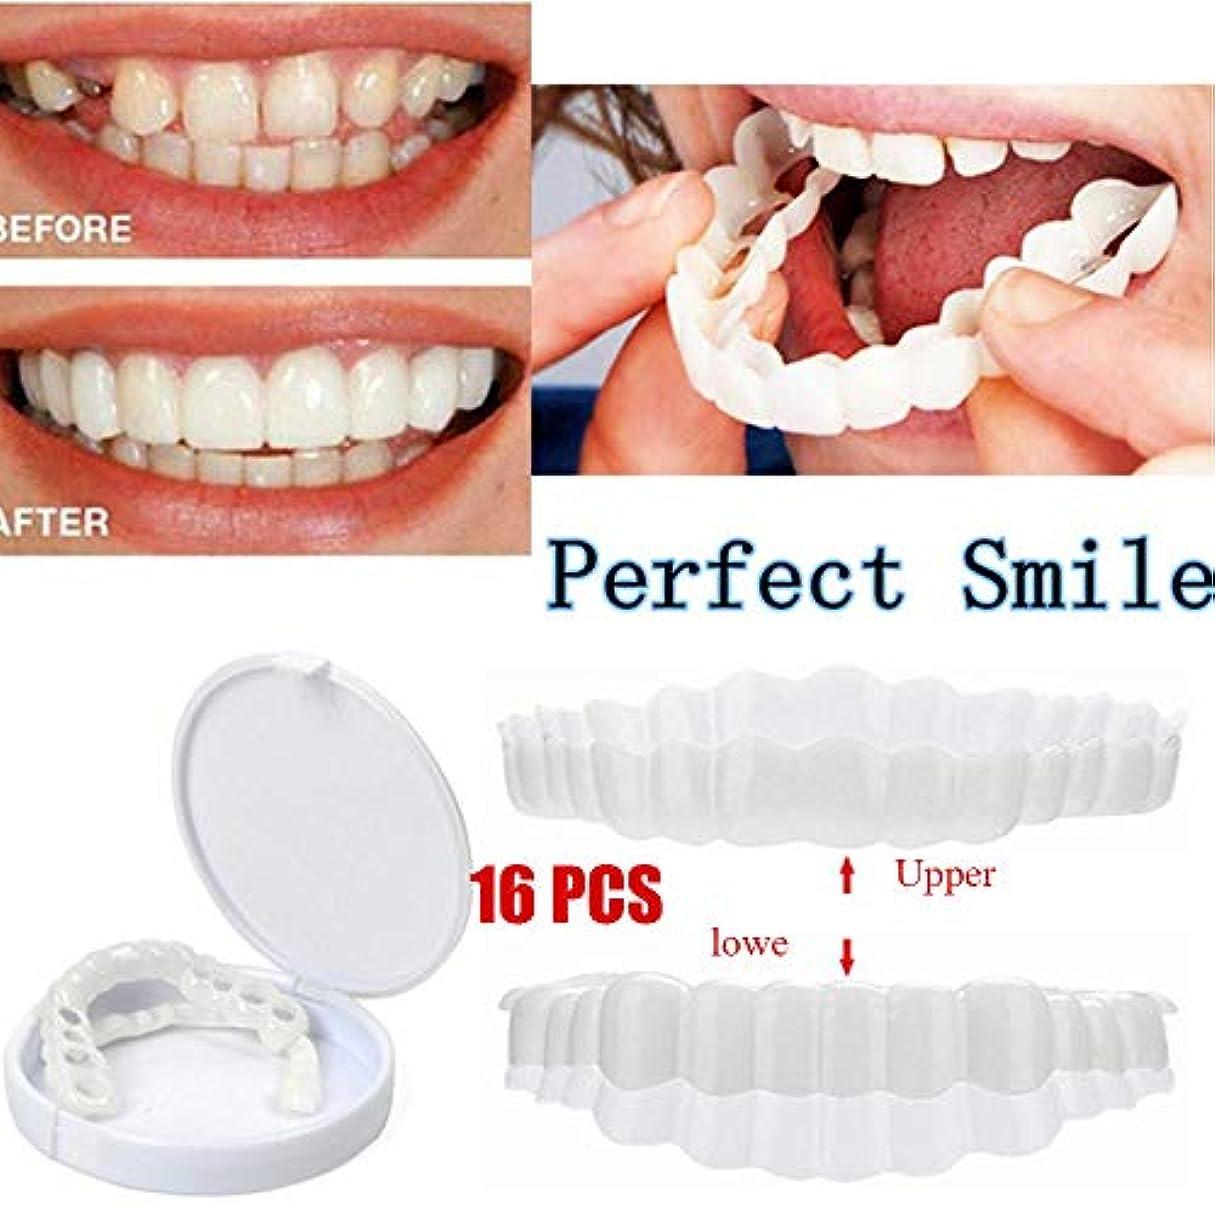 形成アルカイックホーン義歯のスマイルホワイトニングと弾性ケアに最適な、大人用の新しい上下の義歯16個の再使用可能なPCS(上部+下部)